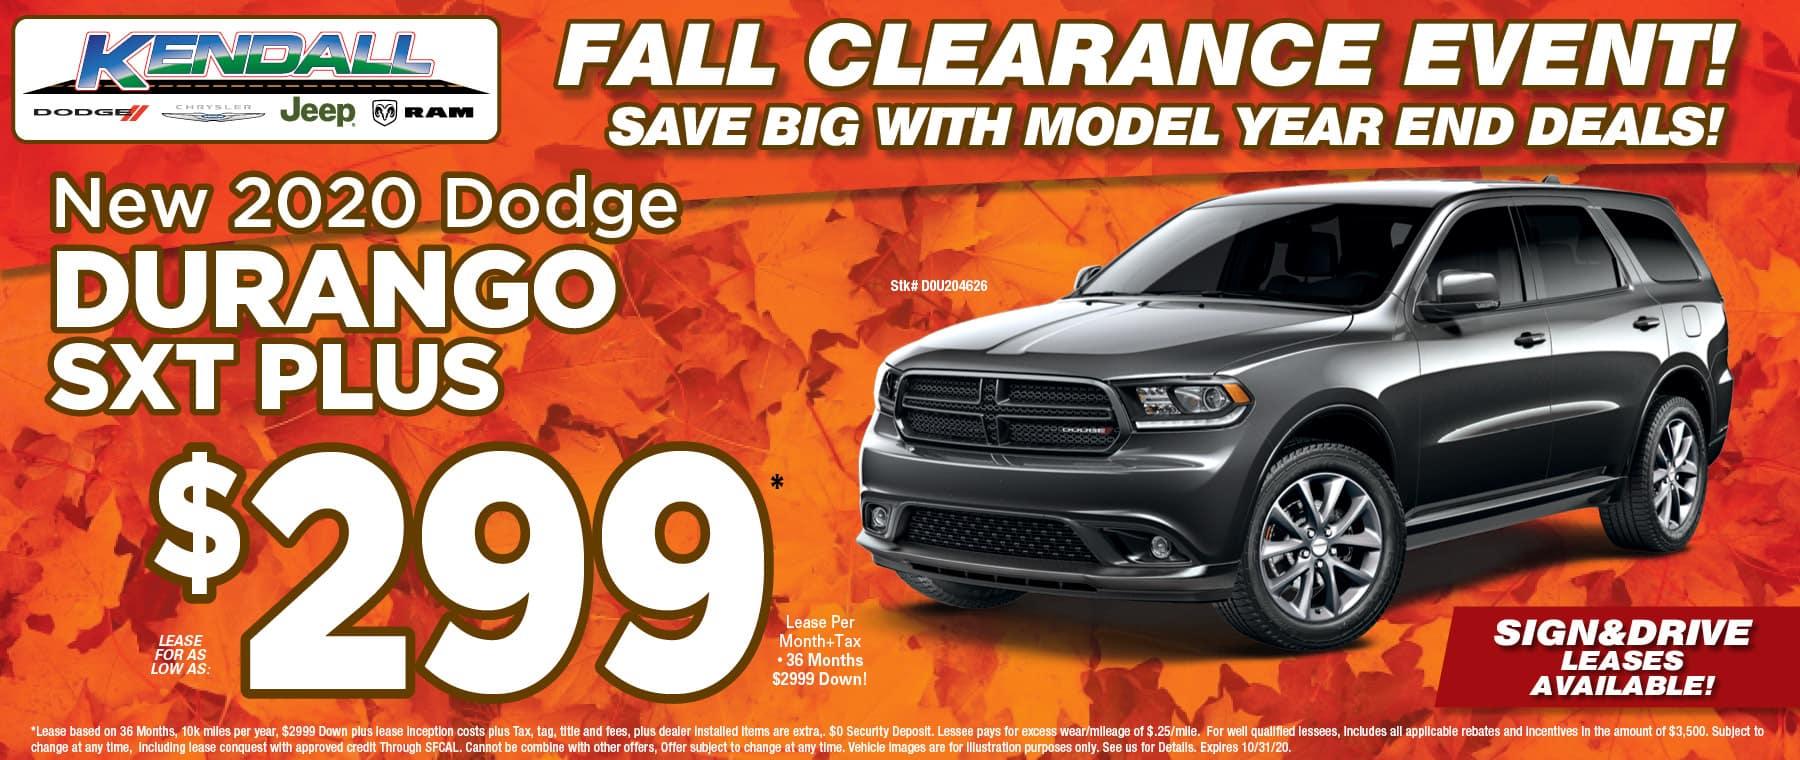 80103-KEDO_1800x760_Oct2020-Fall-Savings_7